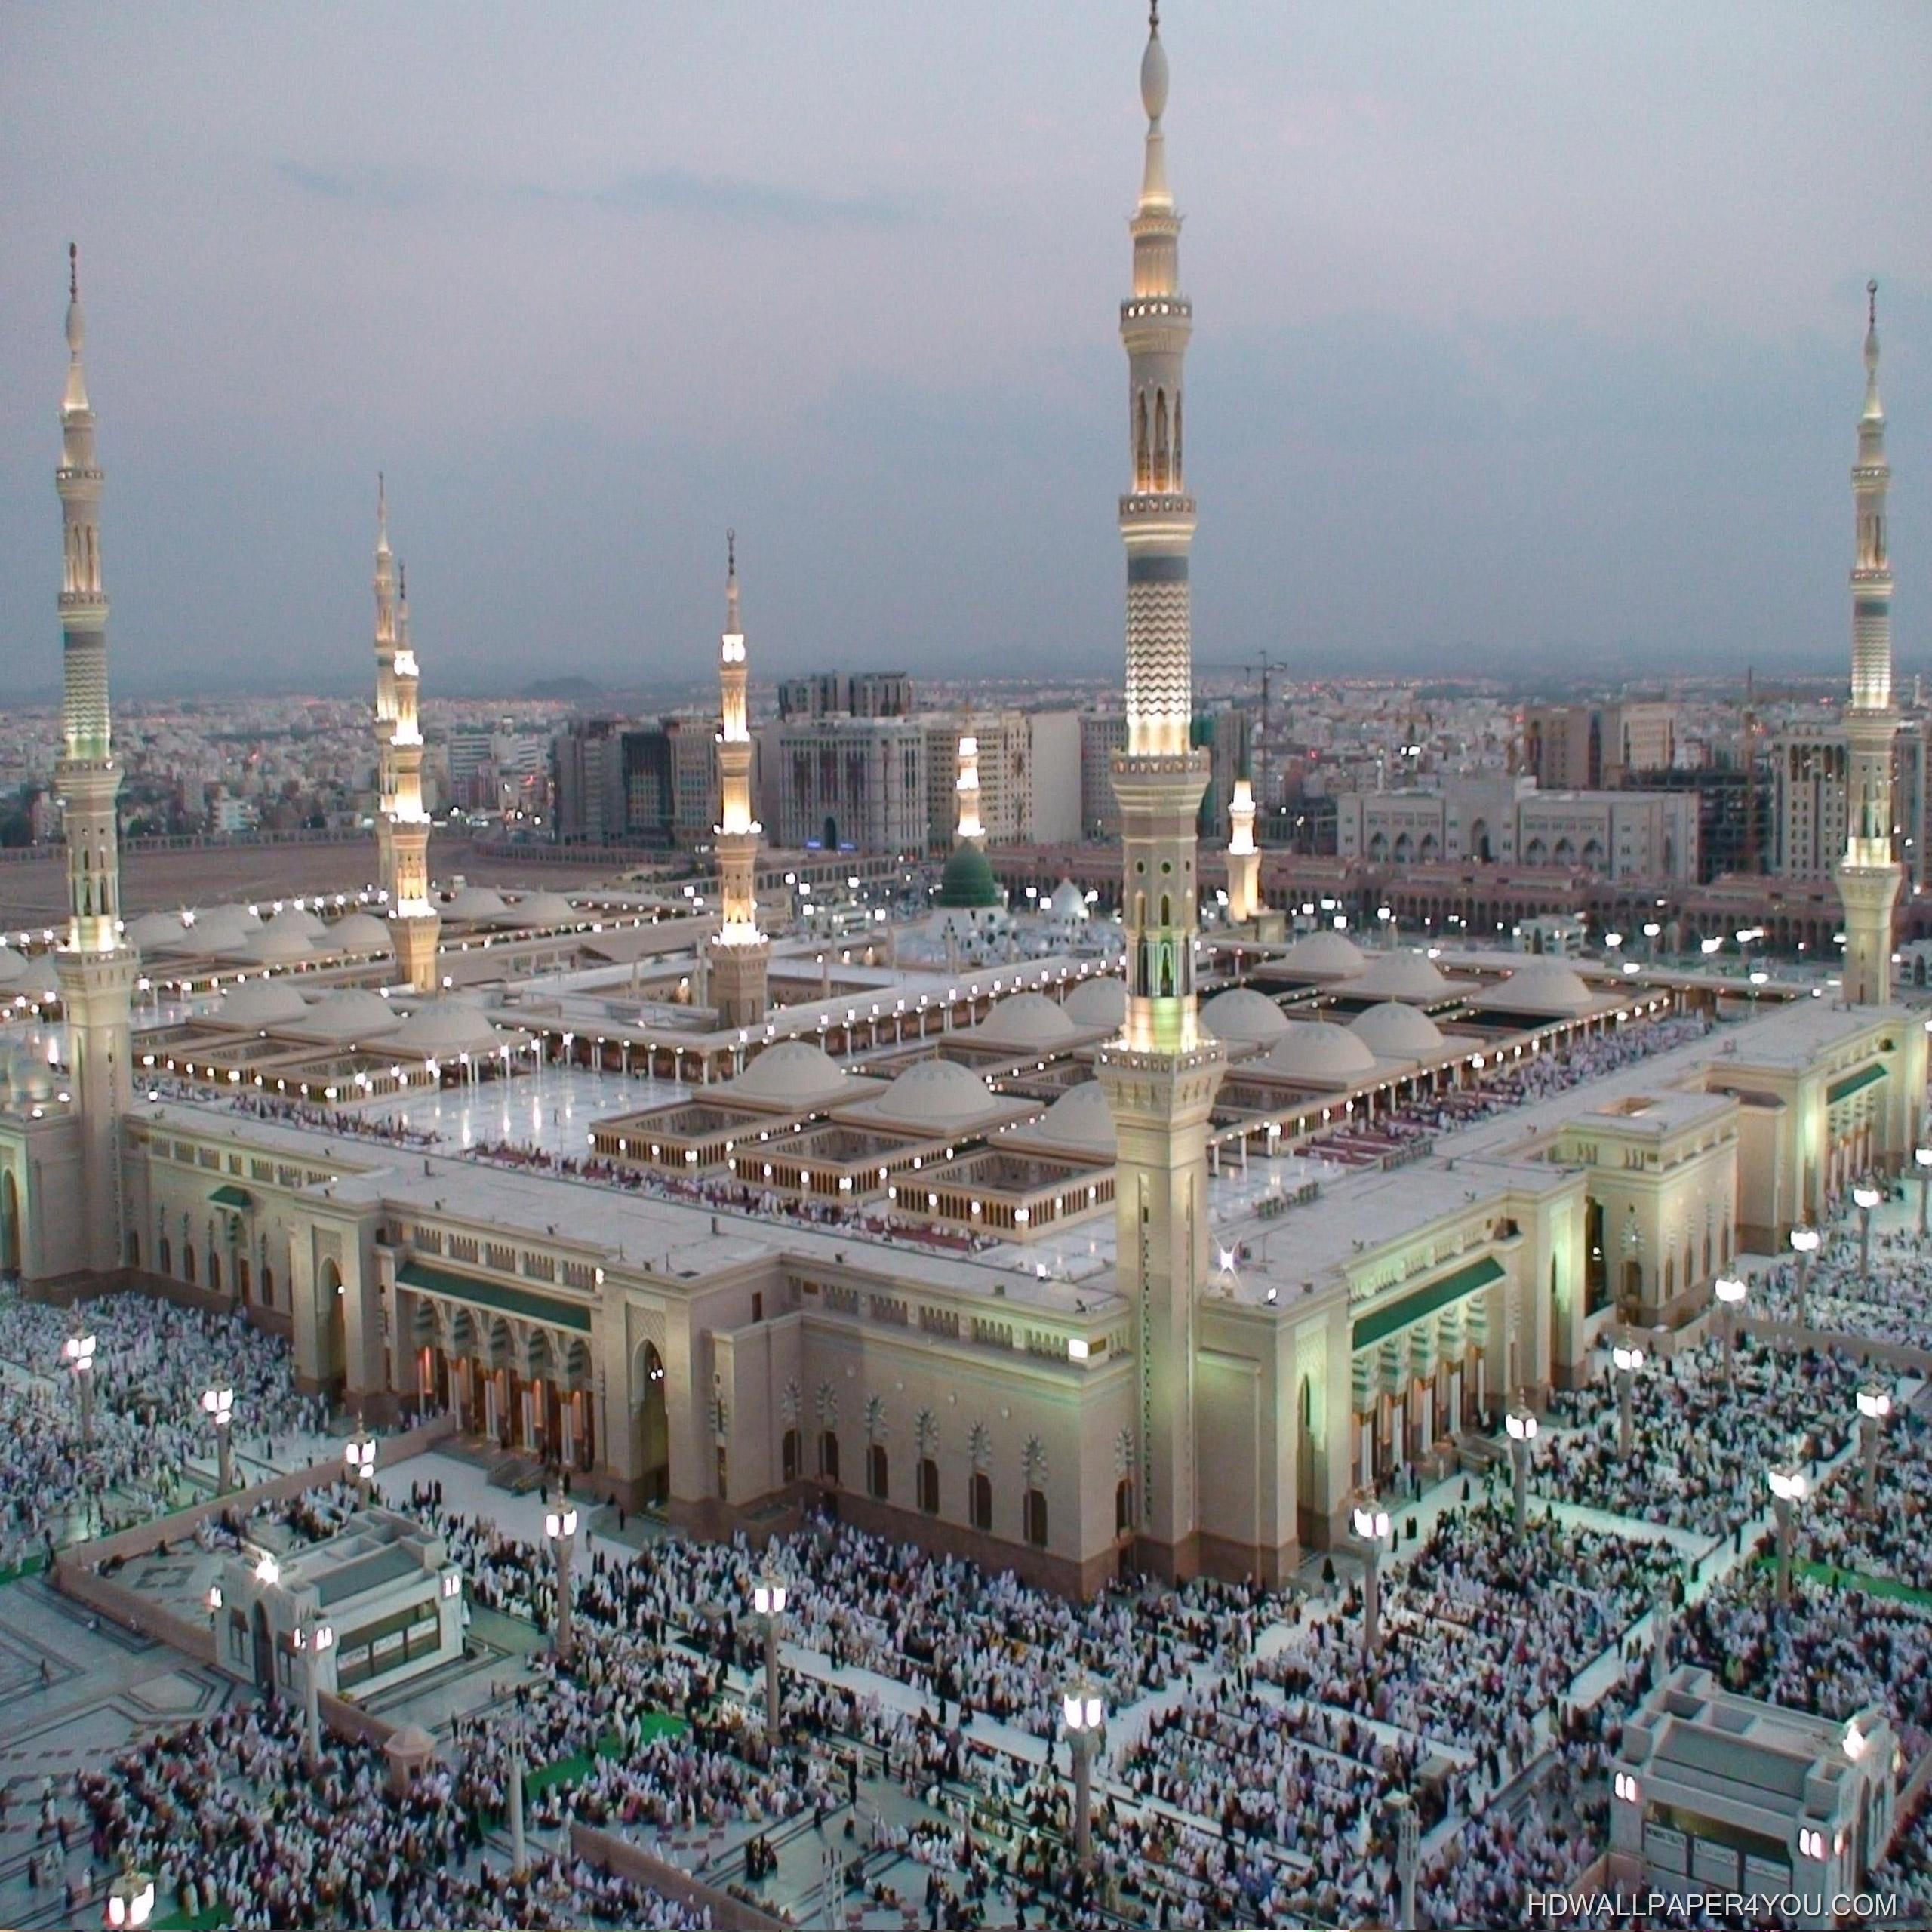 صور خلفيات المدينة المنورة Islamic Wallpapers Madina Mosque صور خلفيات عالية الدقة Hd Wallpapers